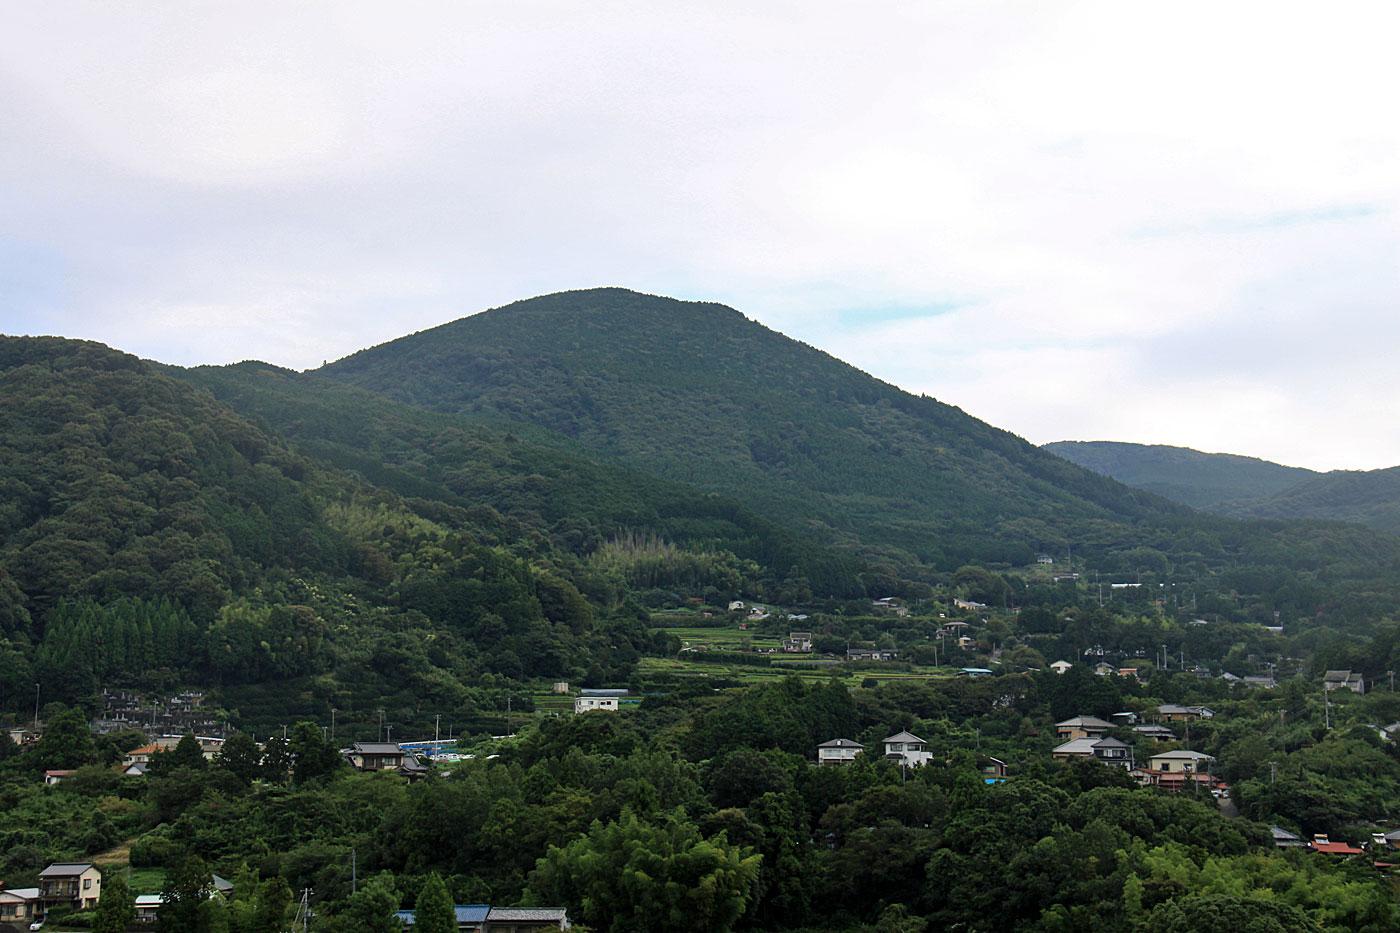 鉢ノ山の景観  CC BY-SA